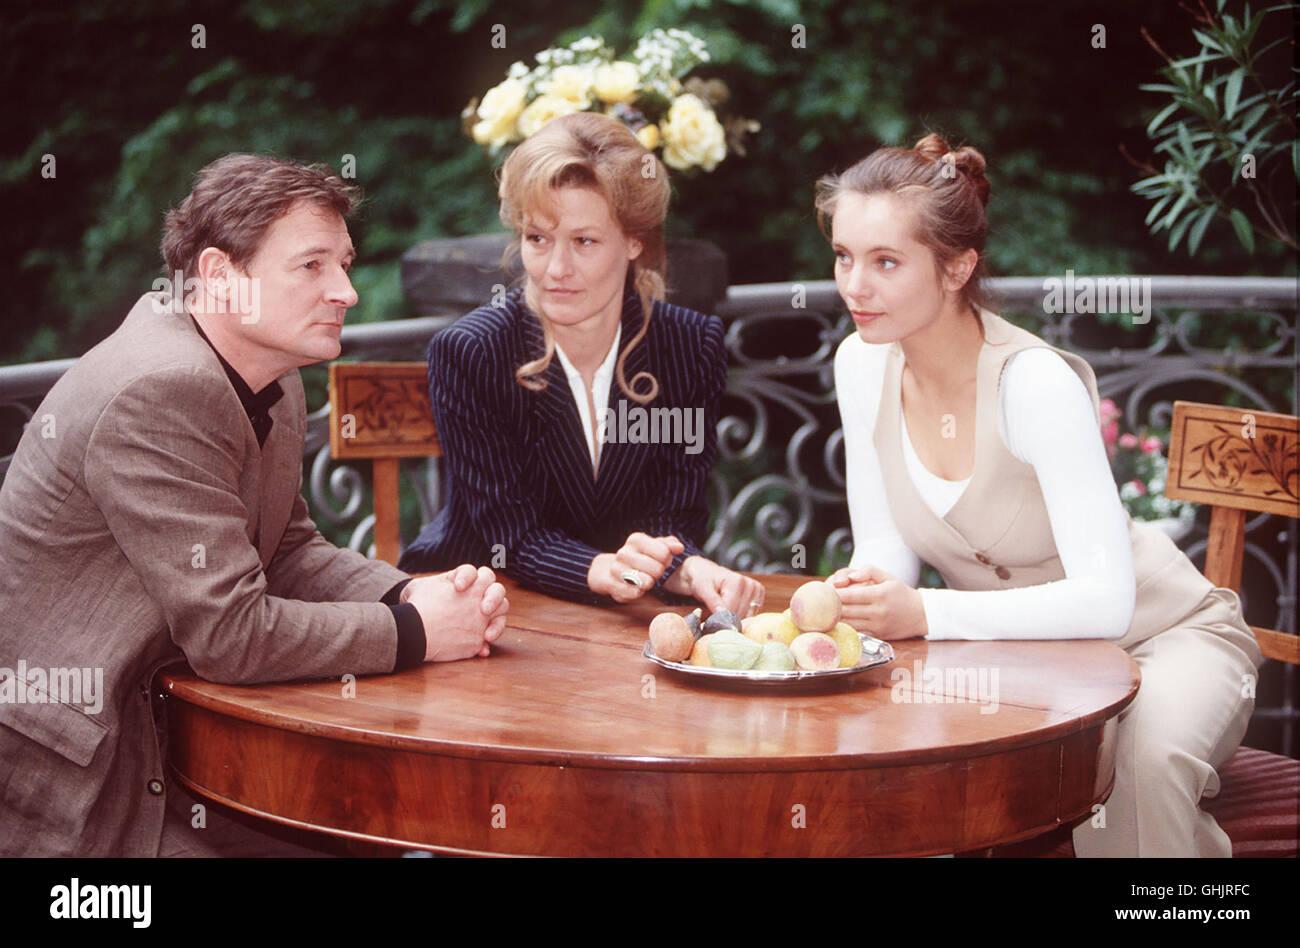 Sterben Sie Schwestern Astrid Und Britta brachte Nach Dem Tod der Eltern Das Modehaus Winkelmann Zur Nr. 1 Machen. Stockbild